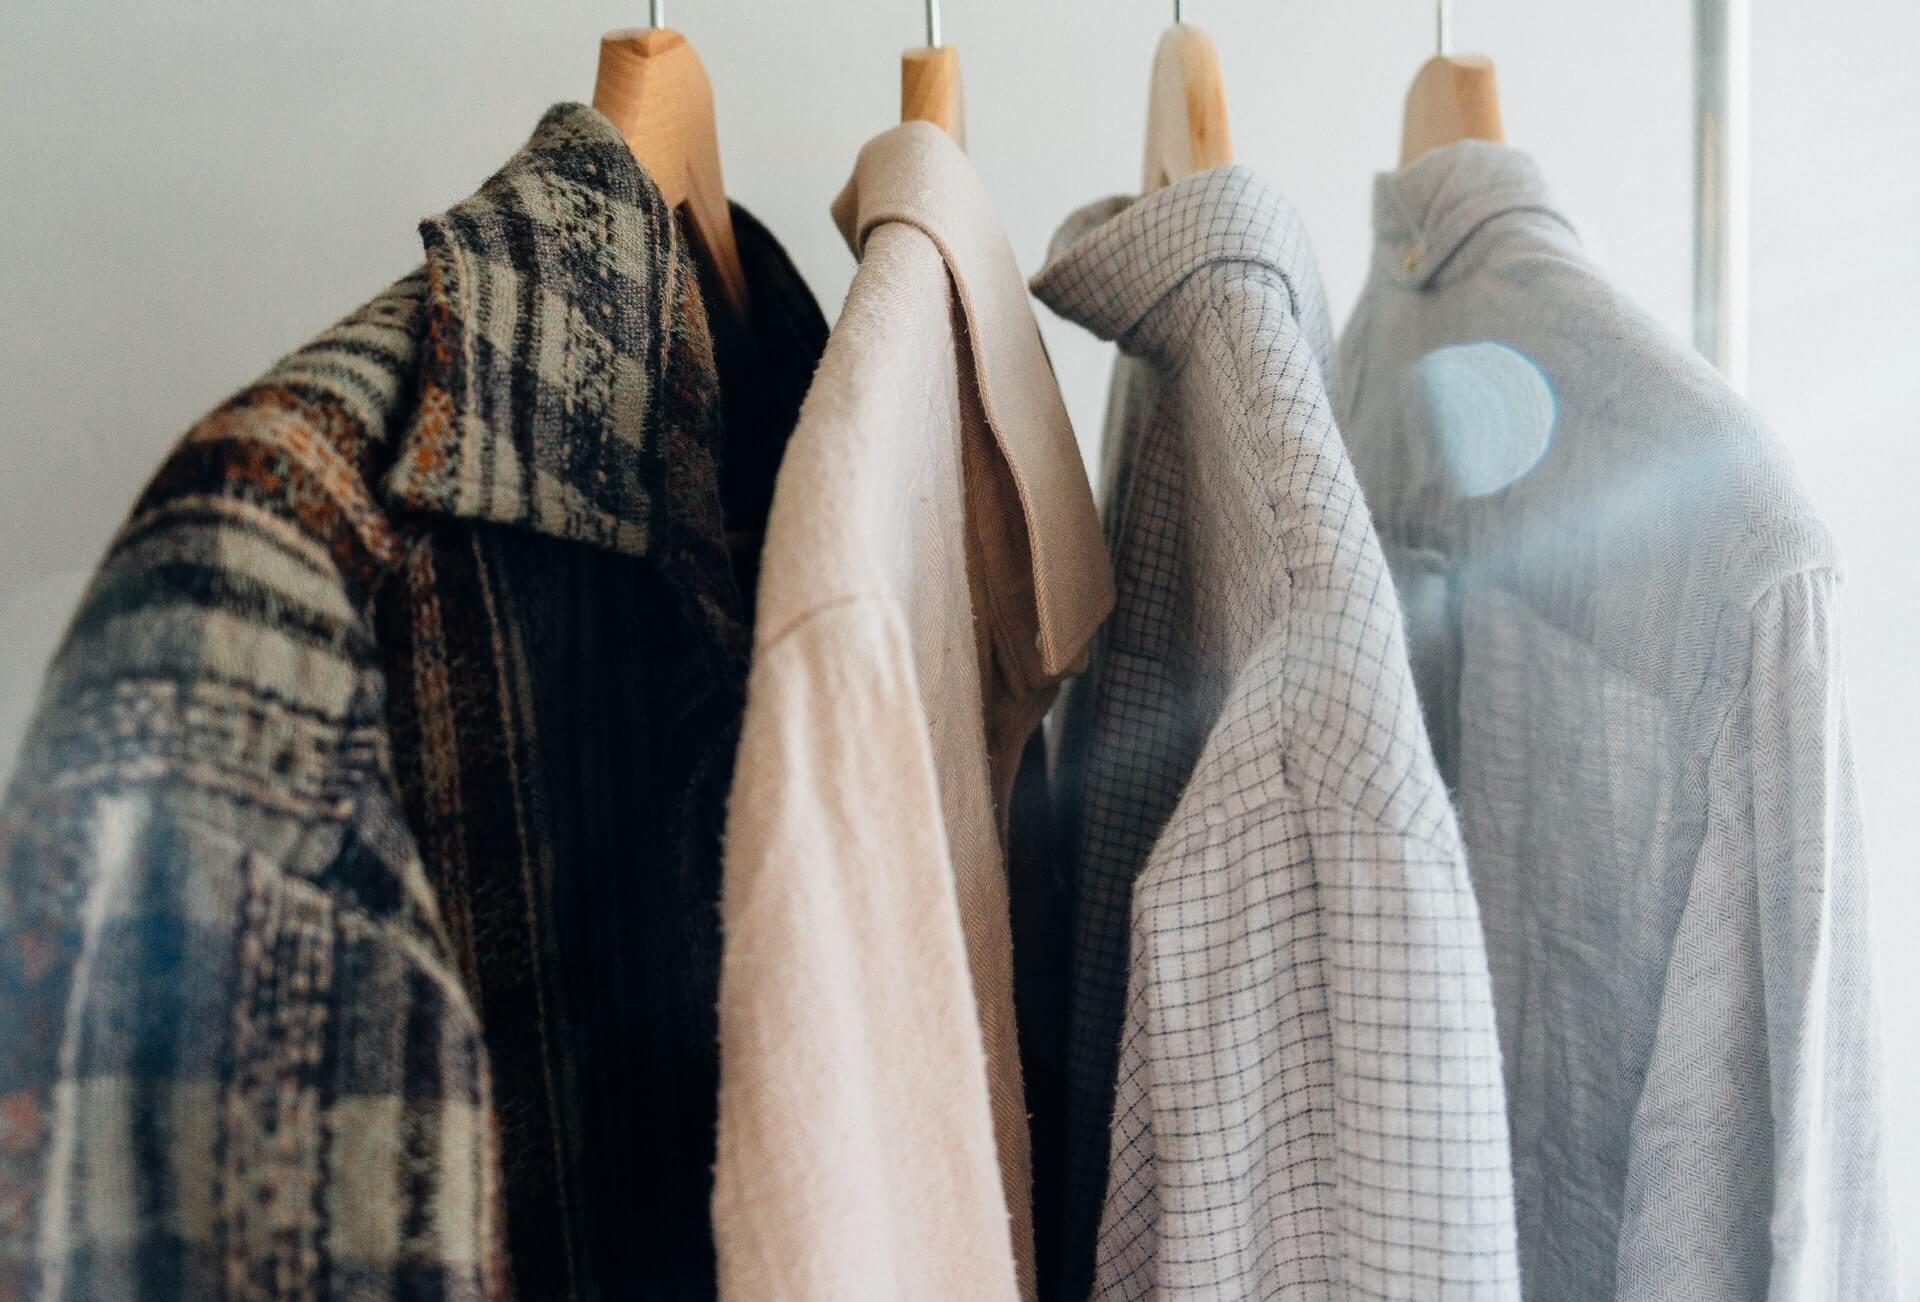 衣替えを楽にするコツはある?収納時のポイントとケースの選び方